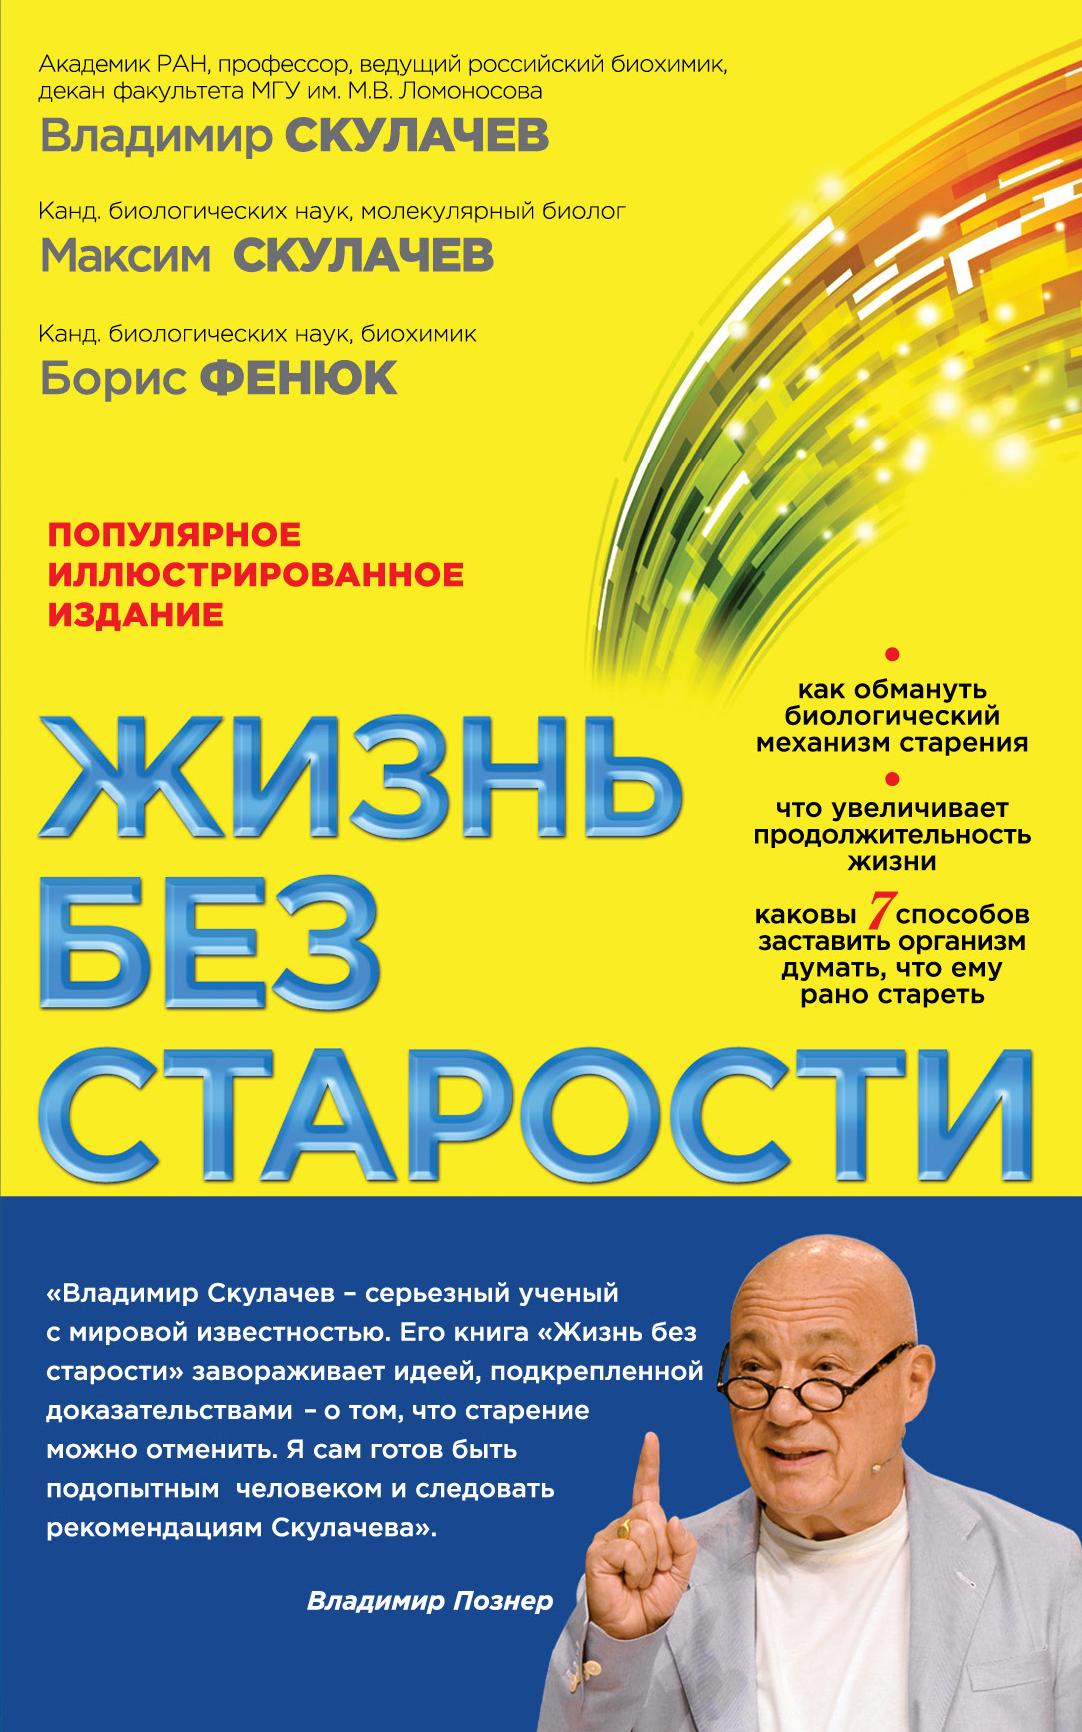 В.П. Скулачев, М.В. Скулачев, Б.А. Фенюк Жизнь без старости